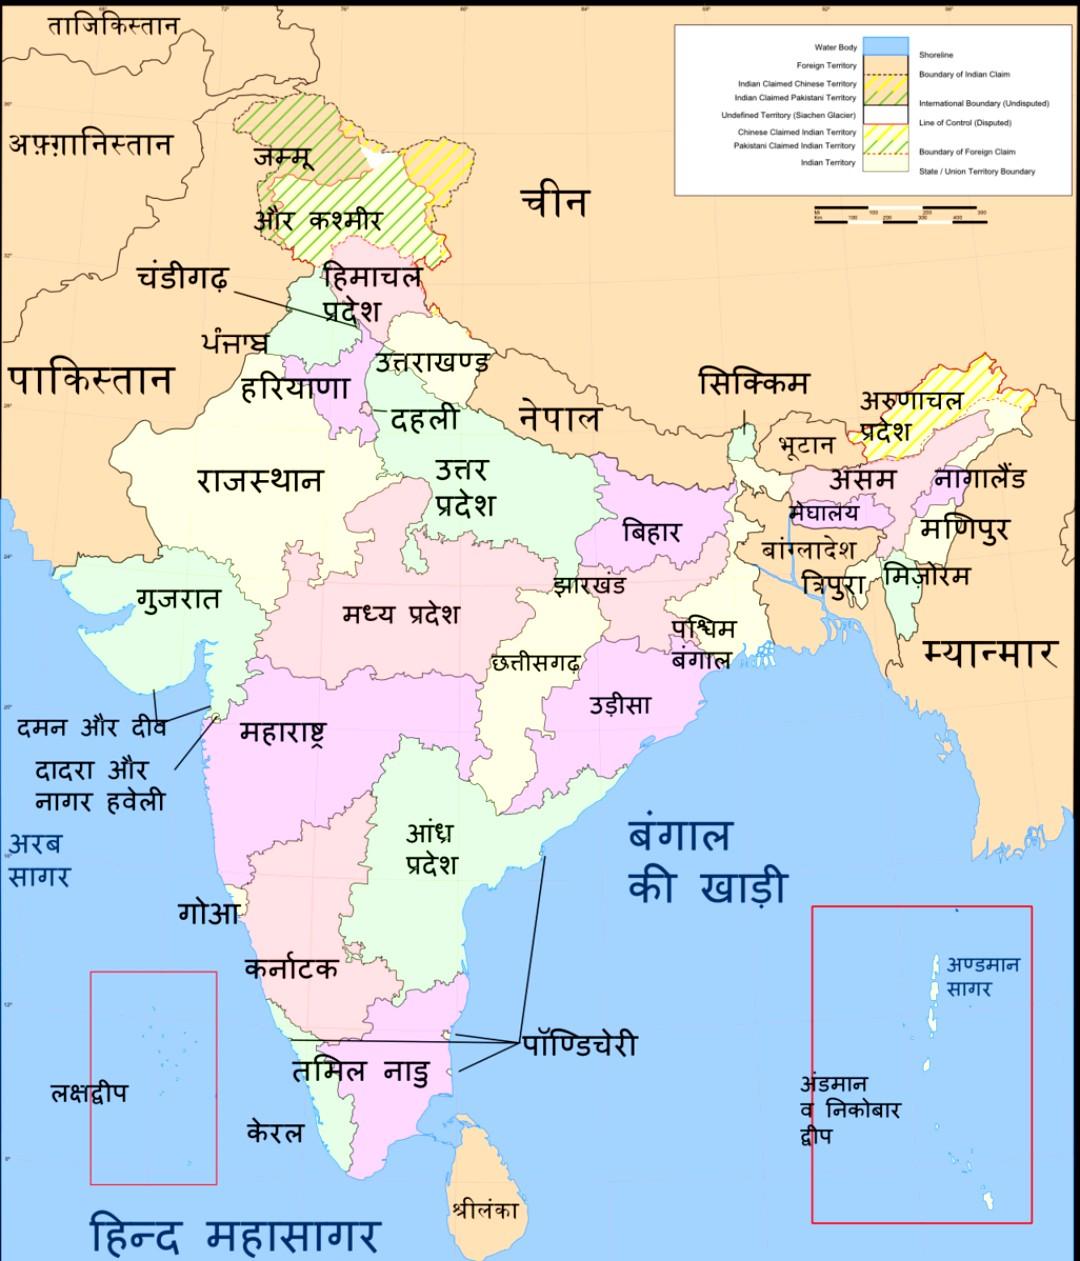 राज्य और केंद्रशासित प्रदेश में क्या अंतर है?